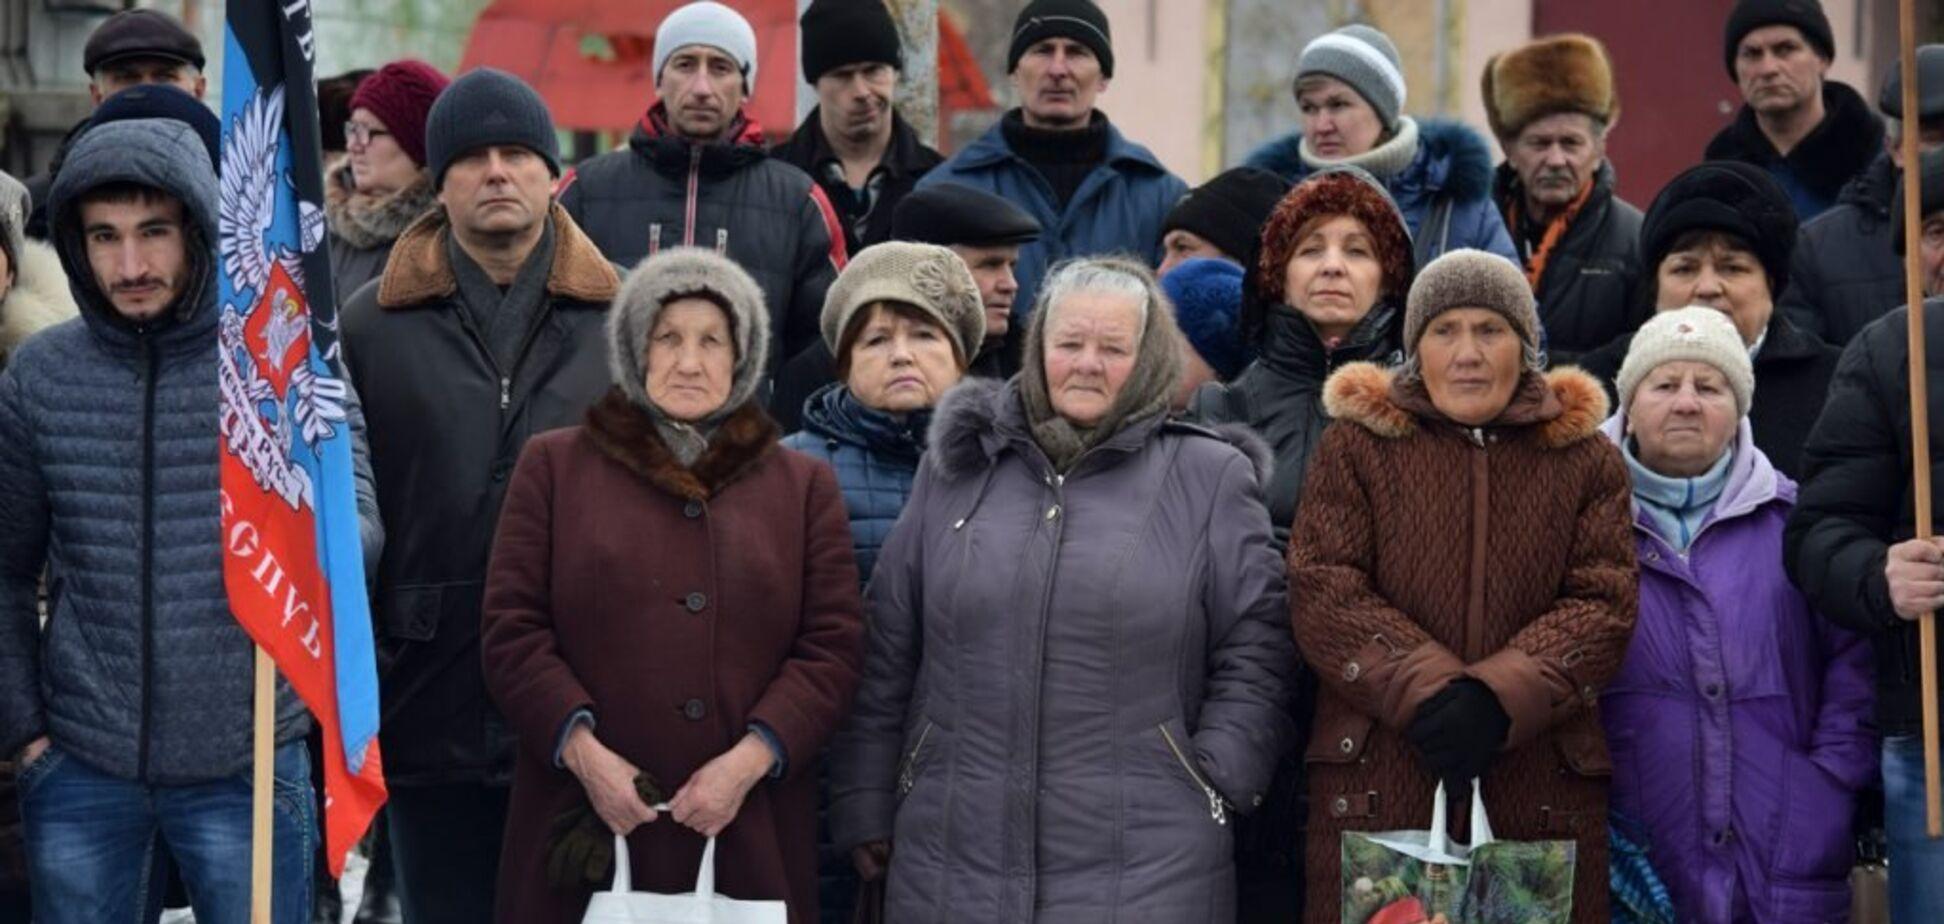 Лишат пенсий и прав: ветеран АТО предупредил жителей Донбасса